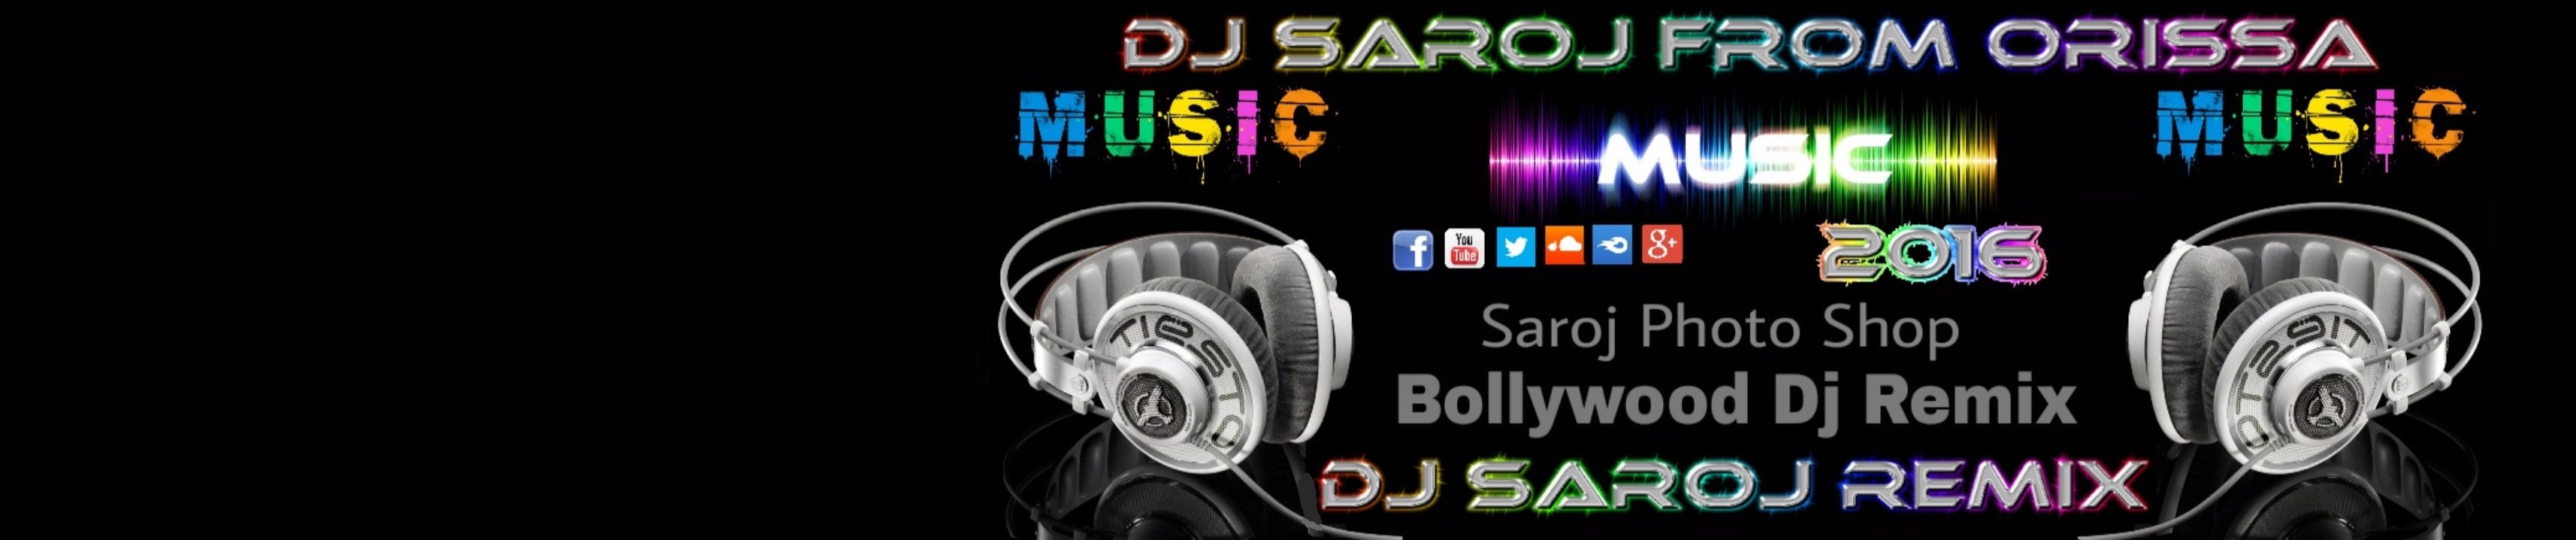 NEEND CHURAI MERI DJ SAROJ MIX by Dj Saroj Remix | Free Listening on